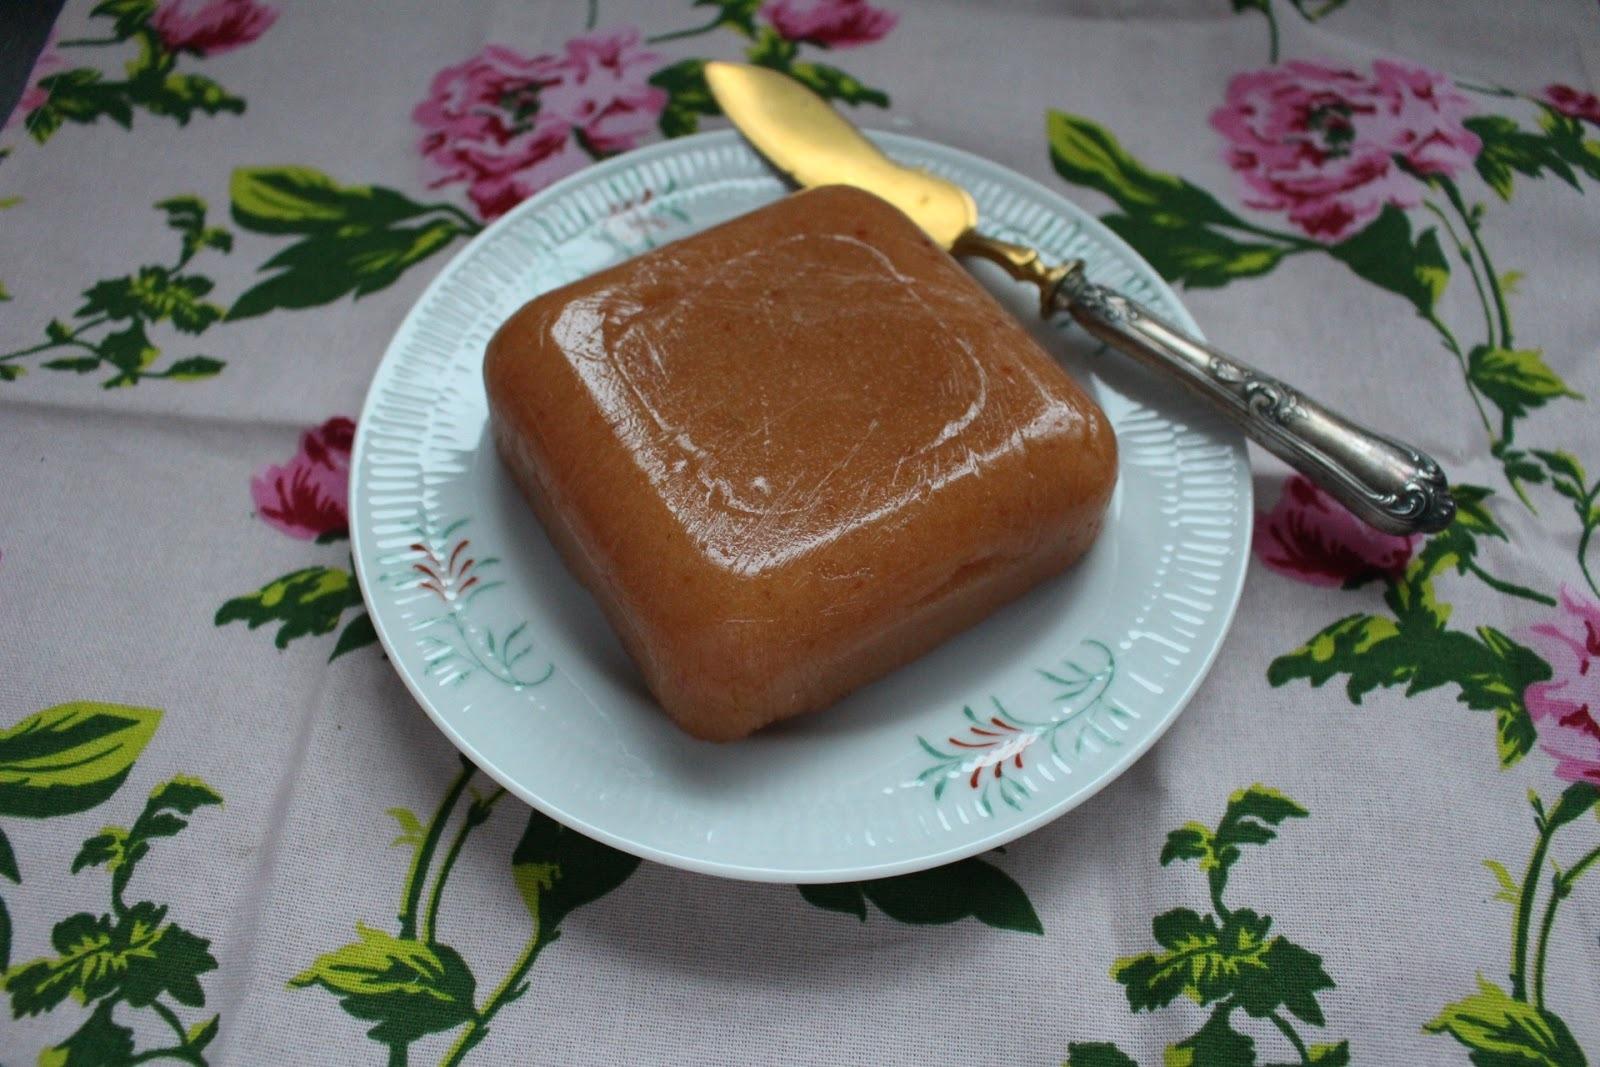 Cómo hacer dulce de membrillo en casa